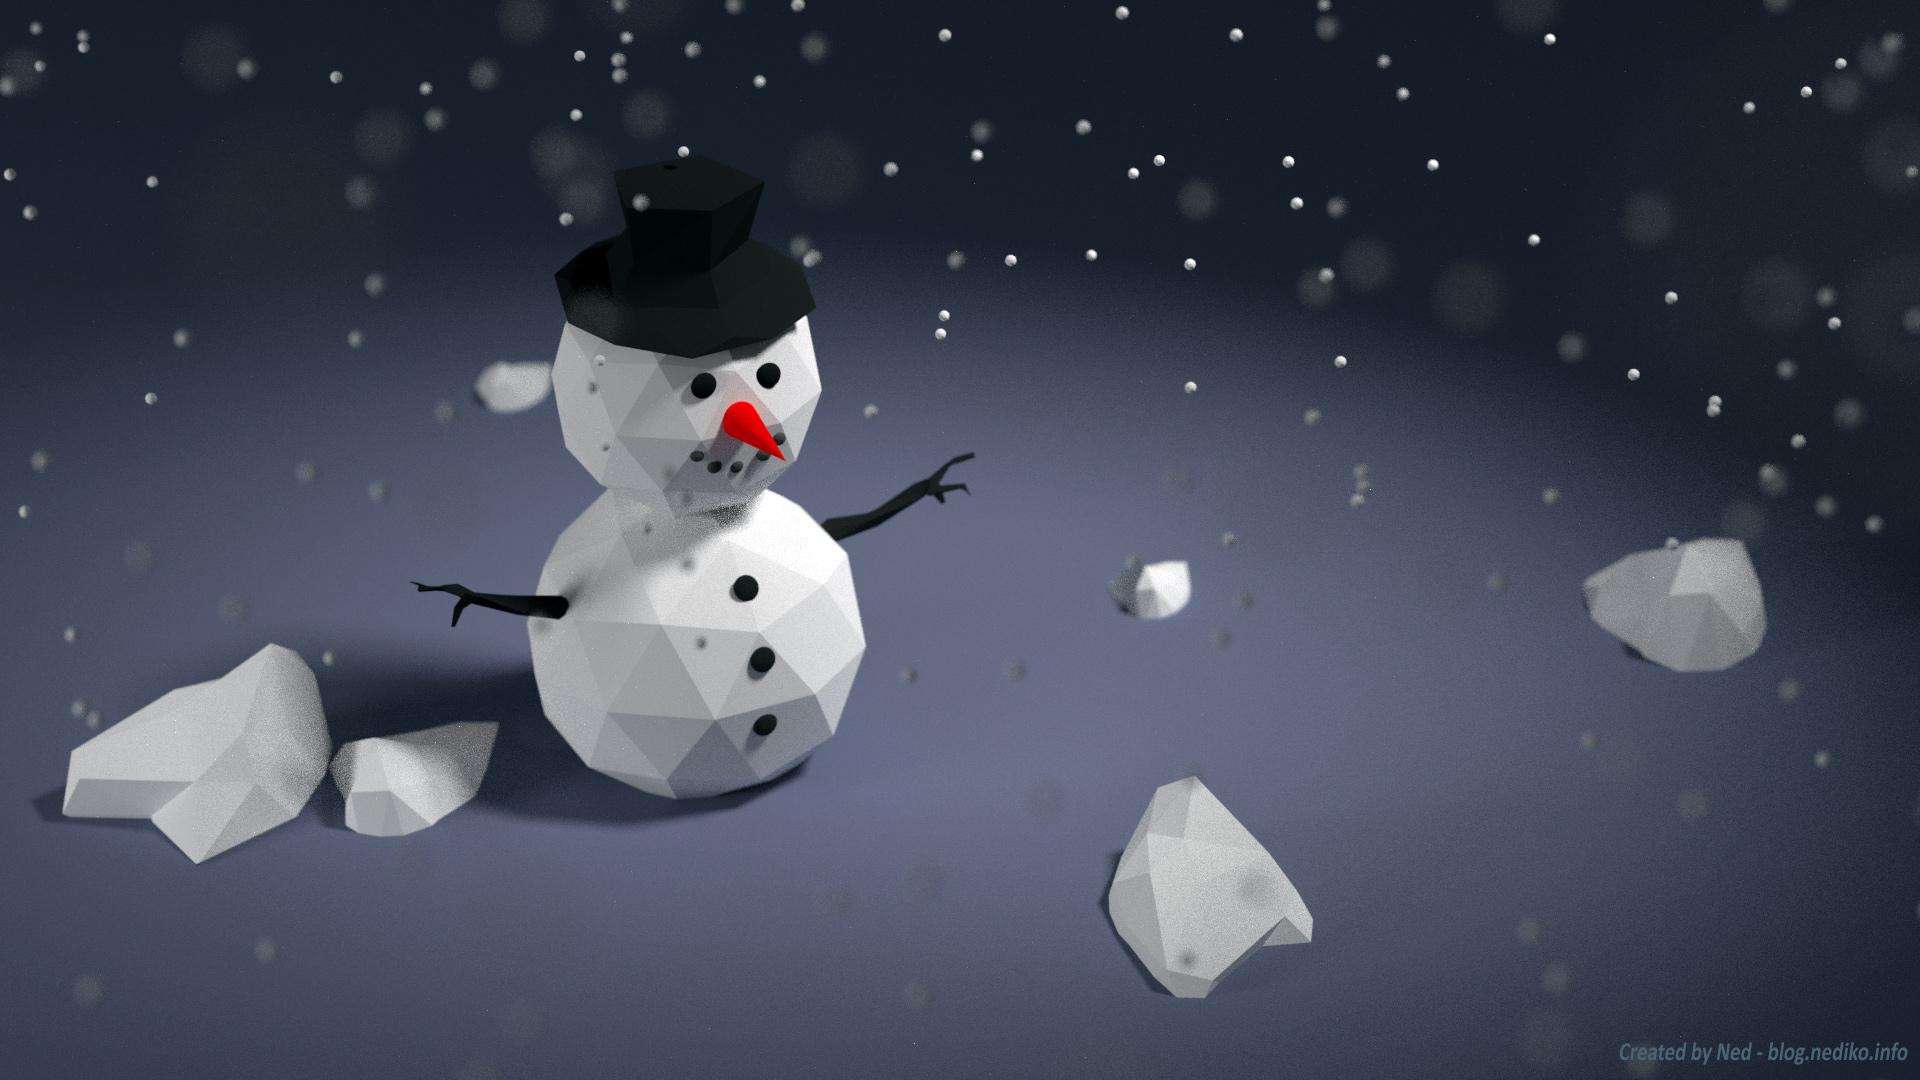 Blender 3D - snowman